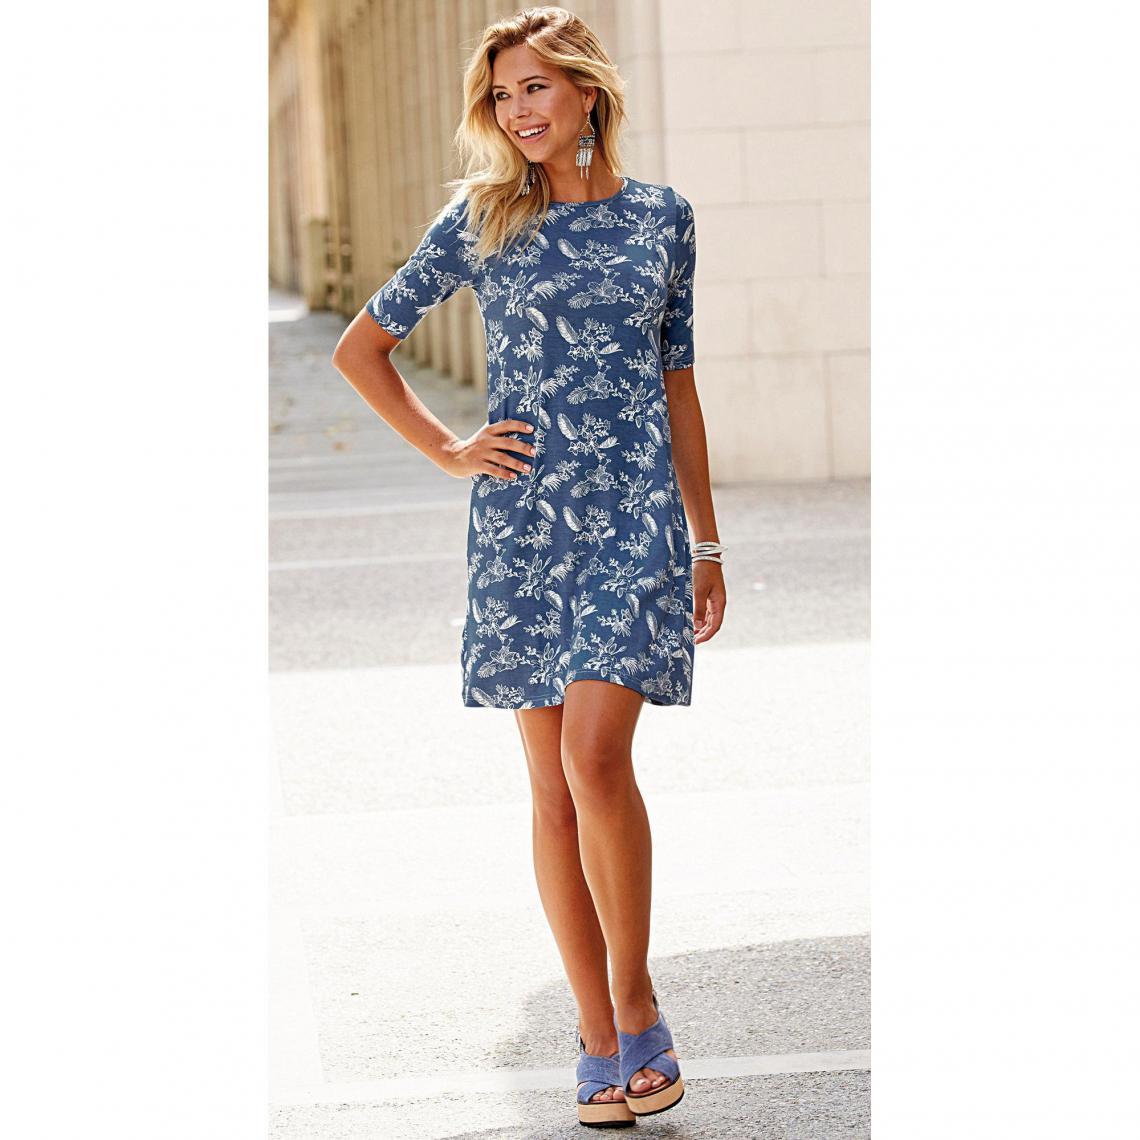 Robe évasée imprimée manches aux coudes femme Exclusivité 3SUISSES - Imprimé  Bleu 3 Suisses Femme ea2da6b91902